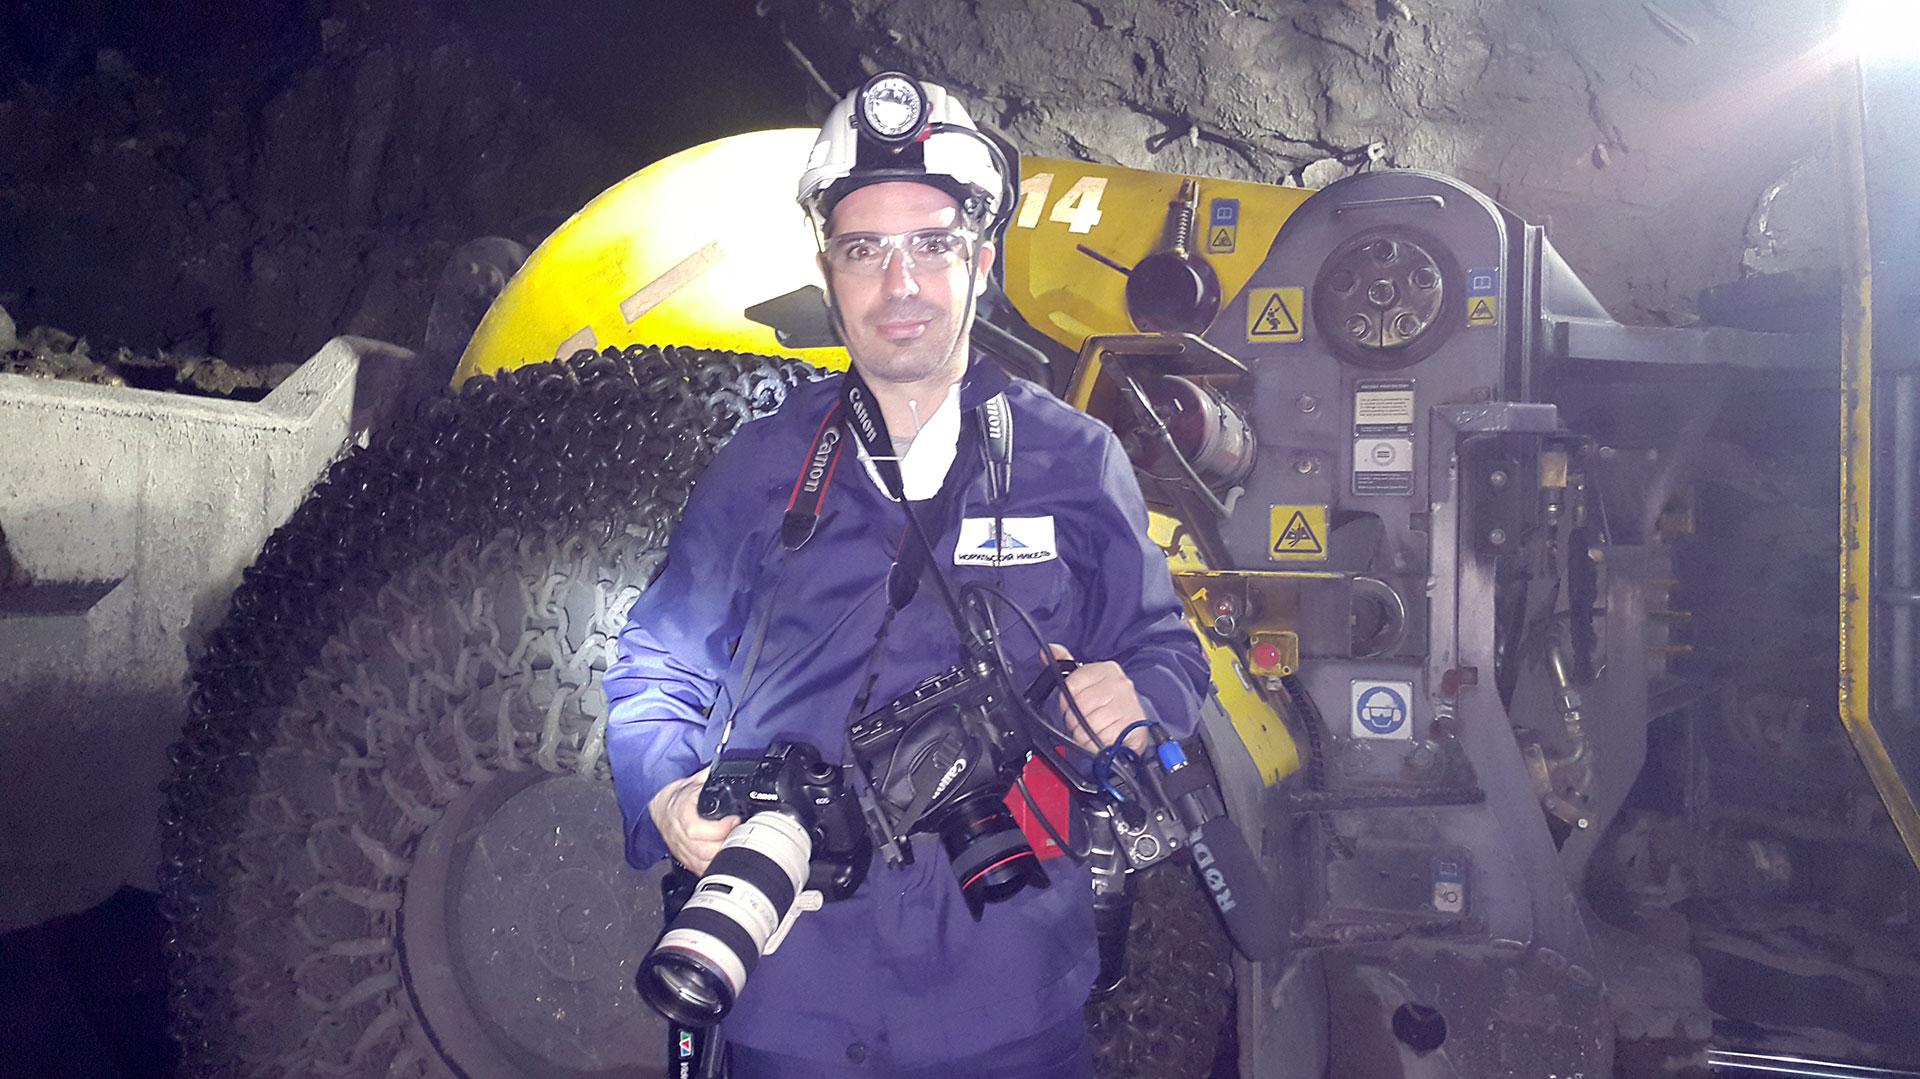 El periodista Ricardo Marquina a 1050 metros bajo tiene, en la mina de Taimyrski.